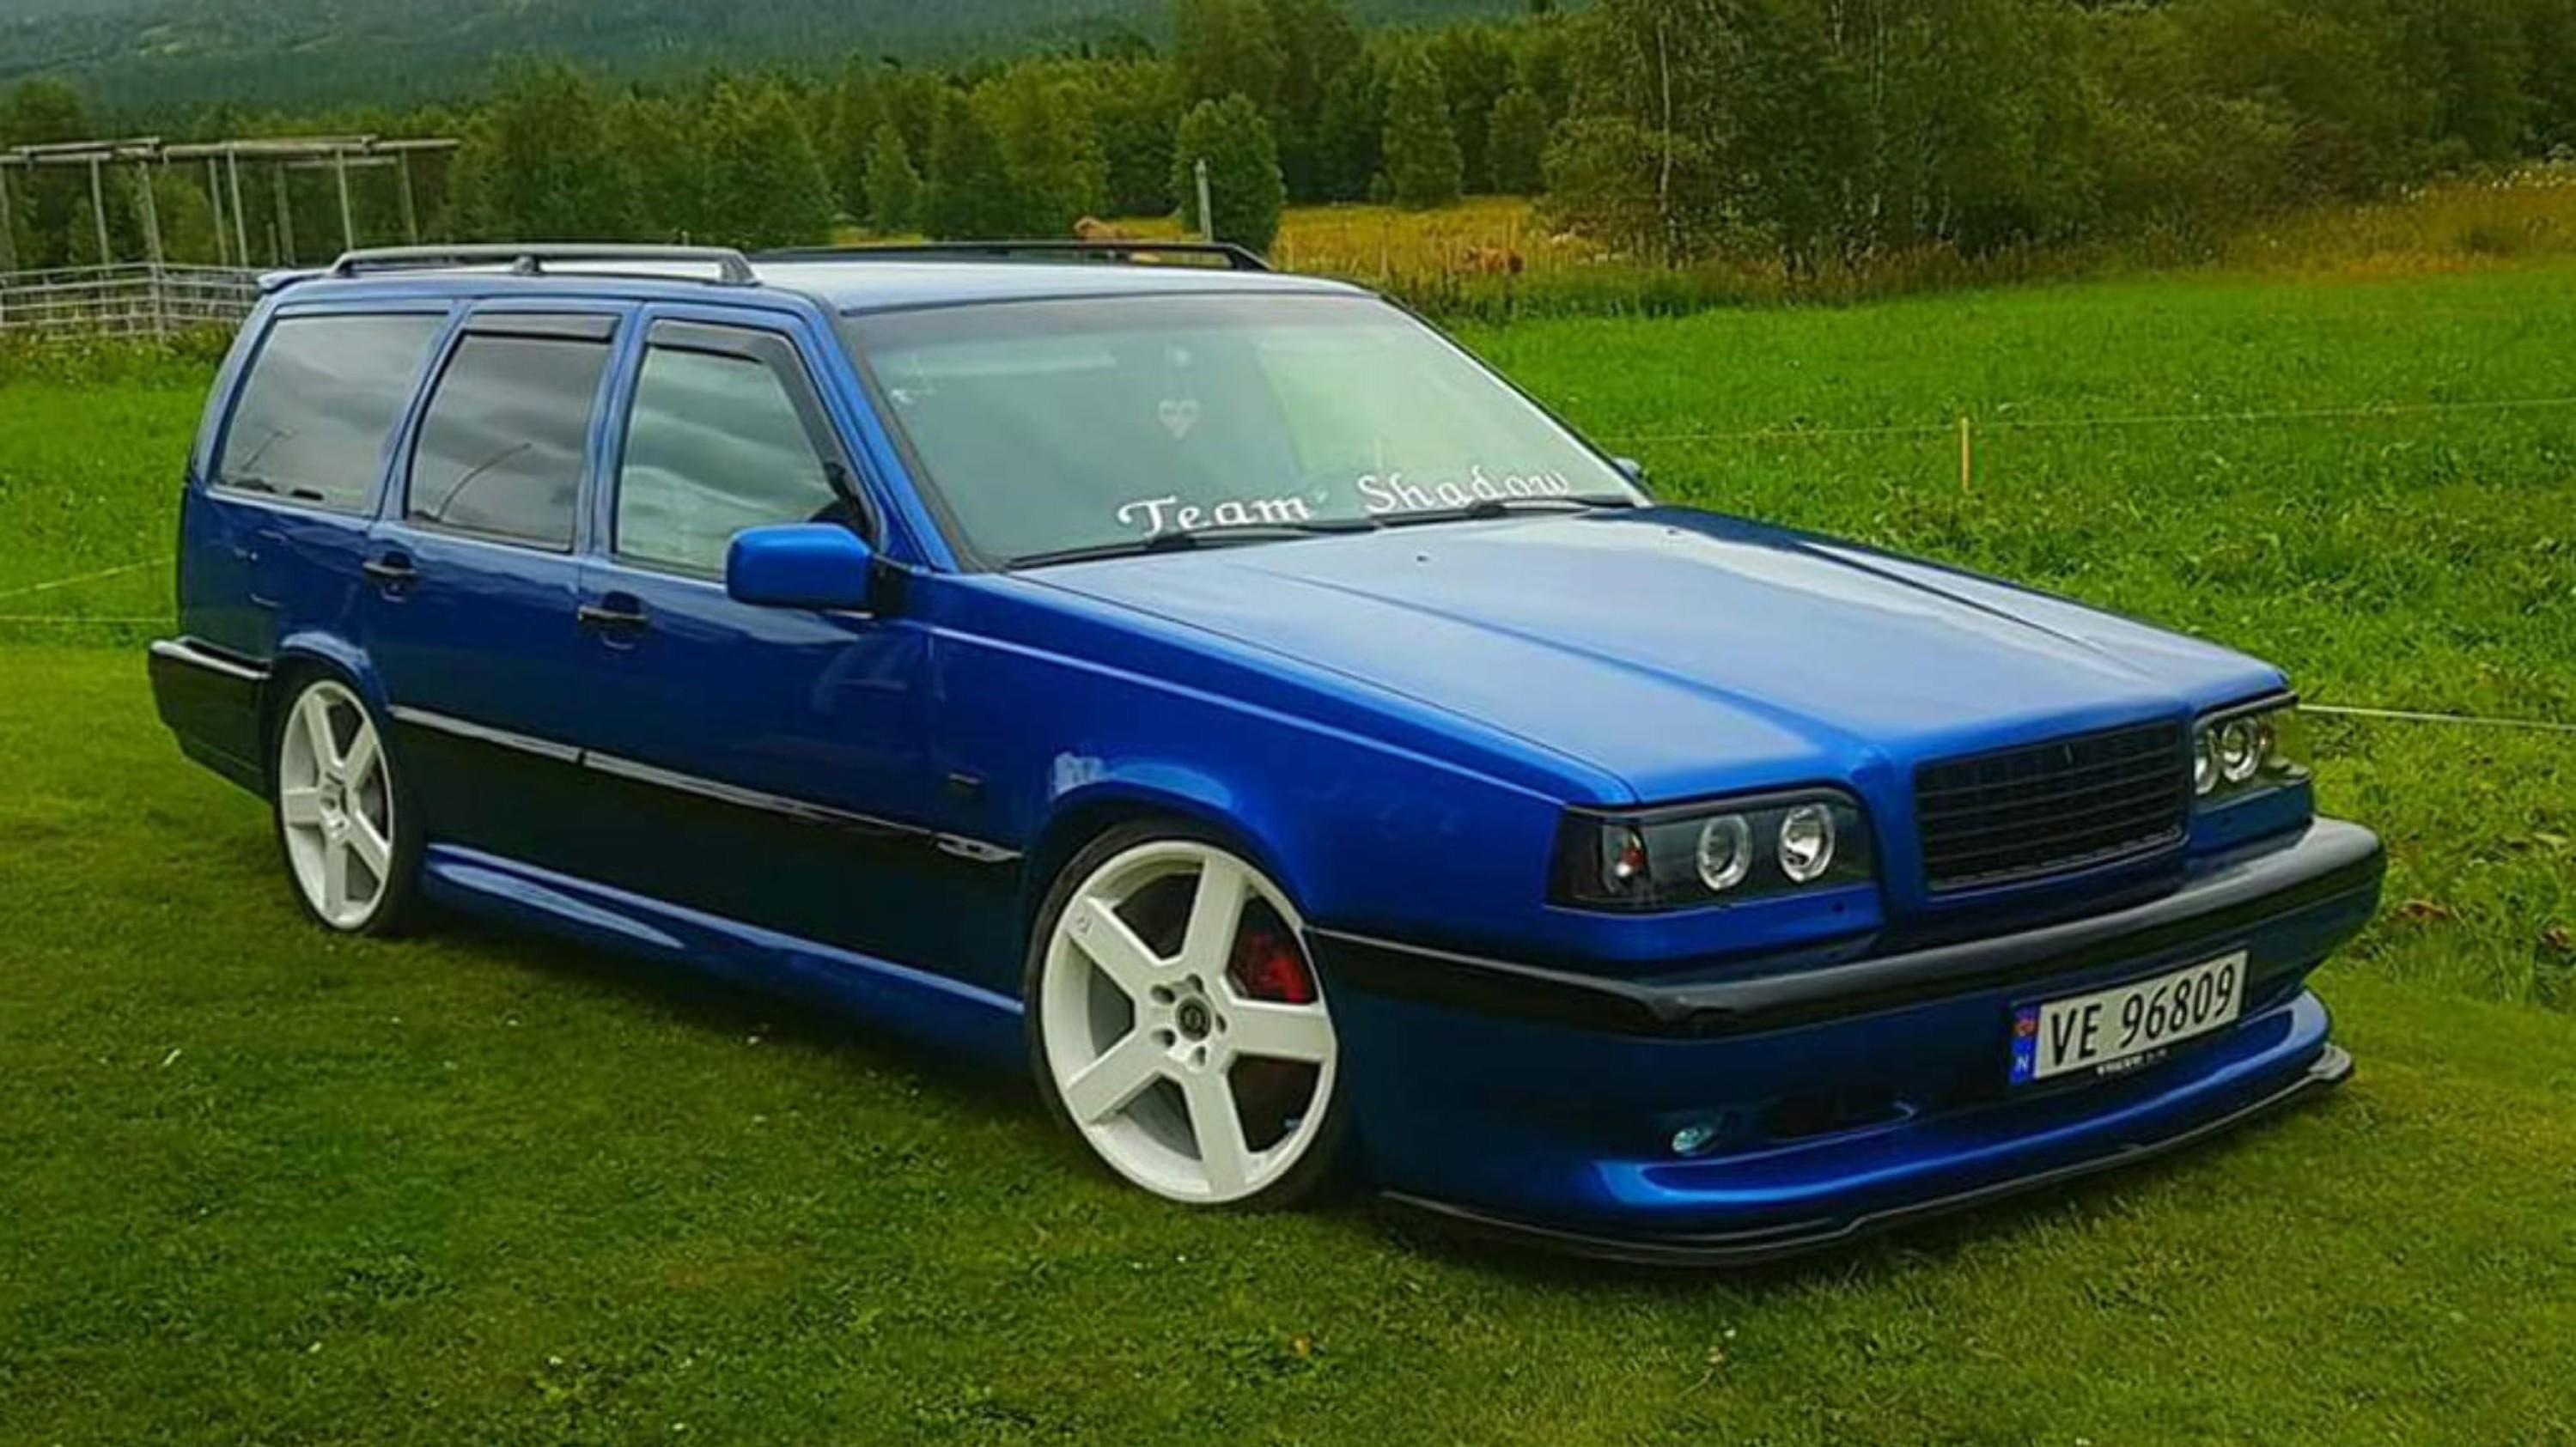 Slik ser Volvoen til Ida ut nå - etter en rekke uhell.